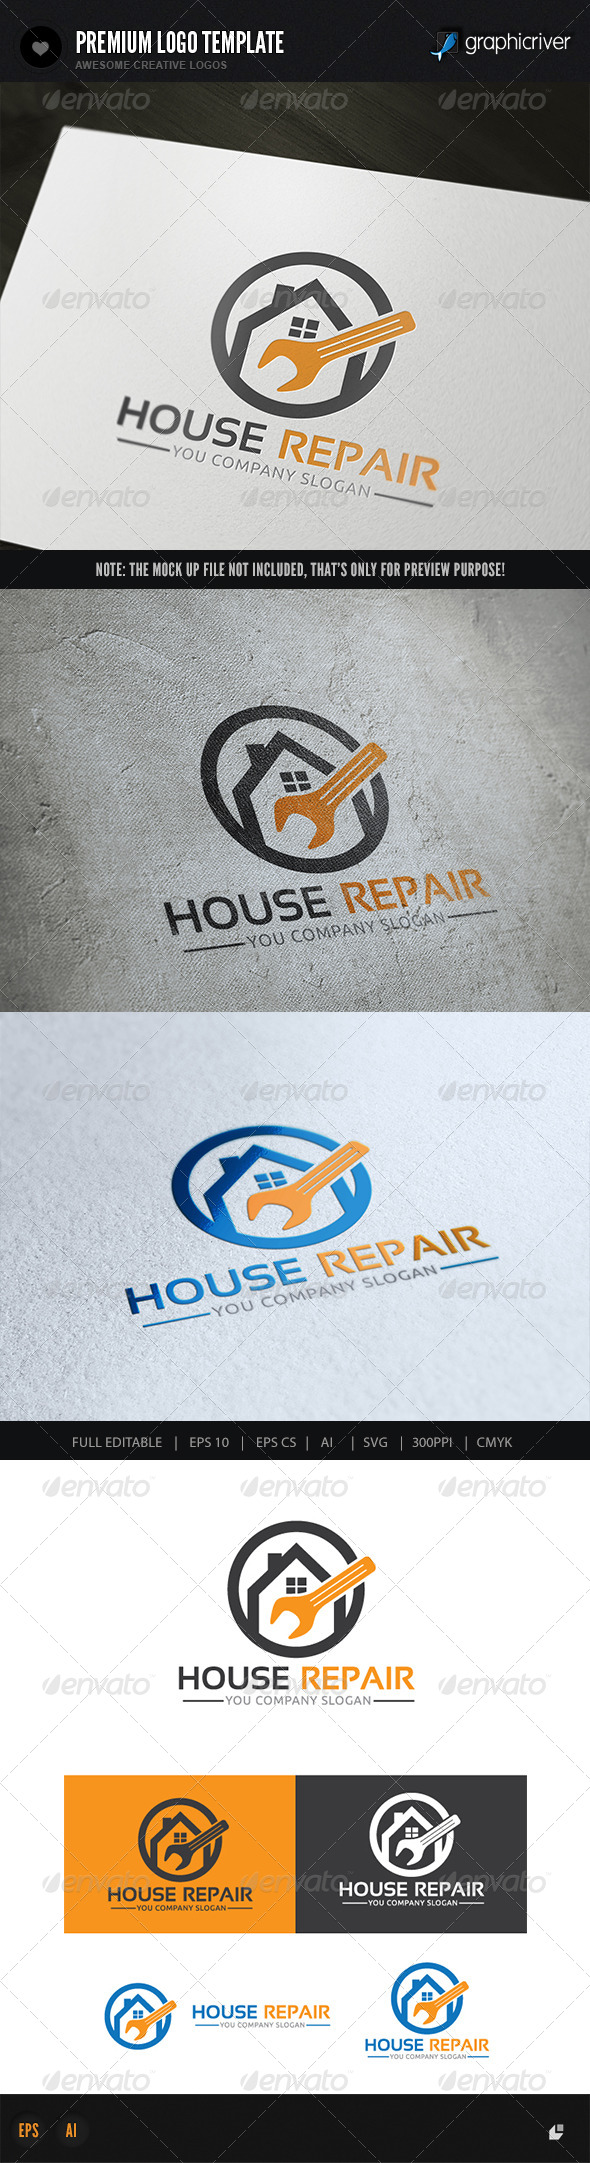 House Repair